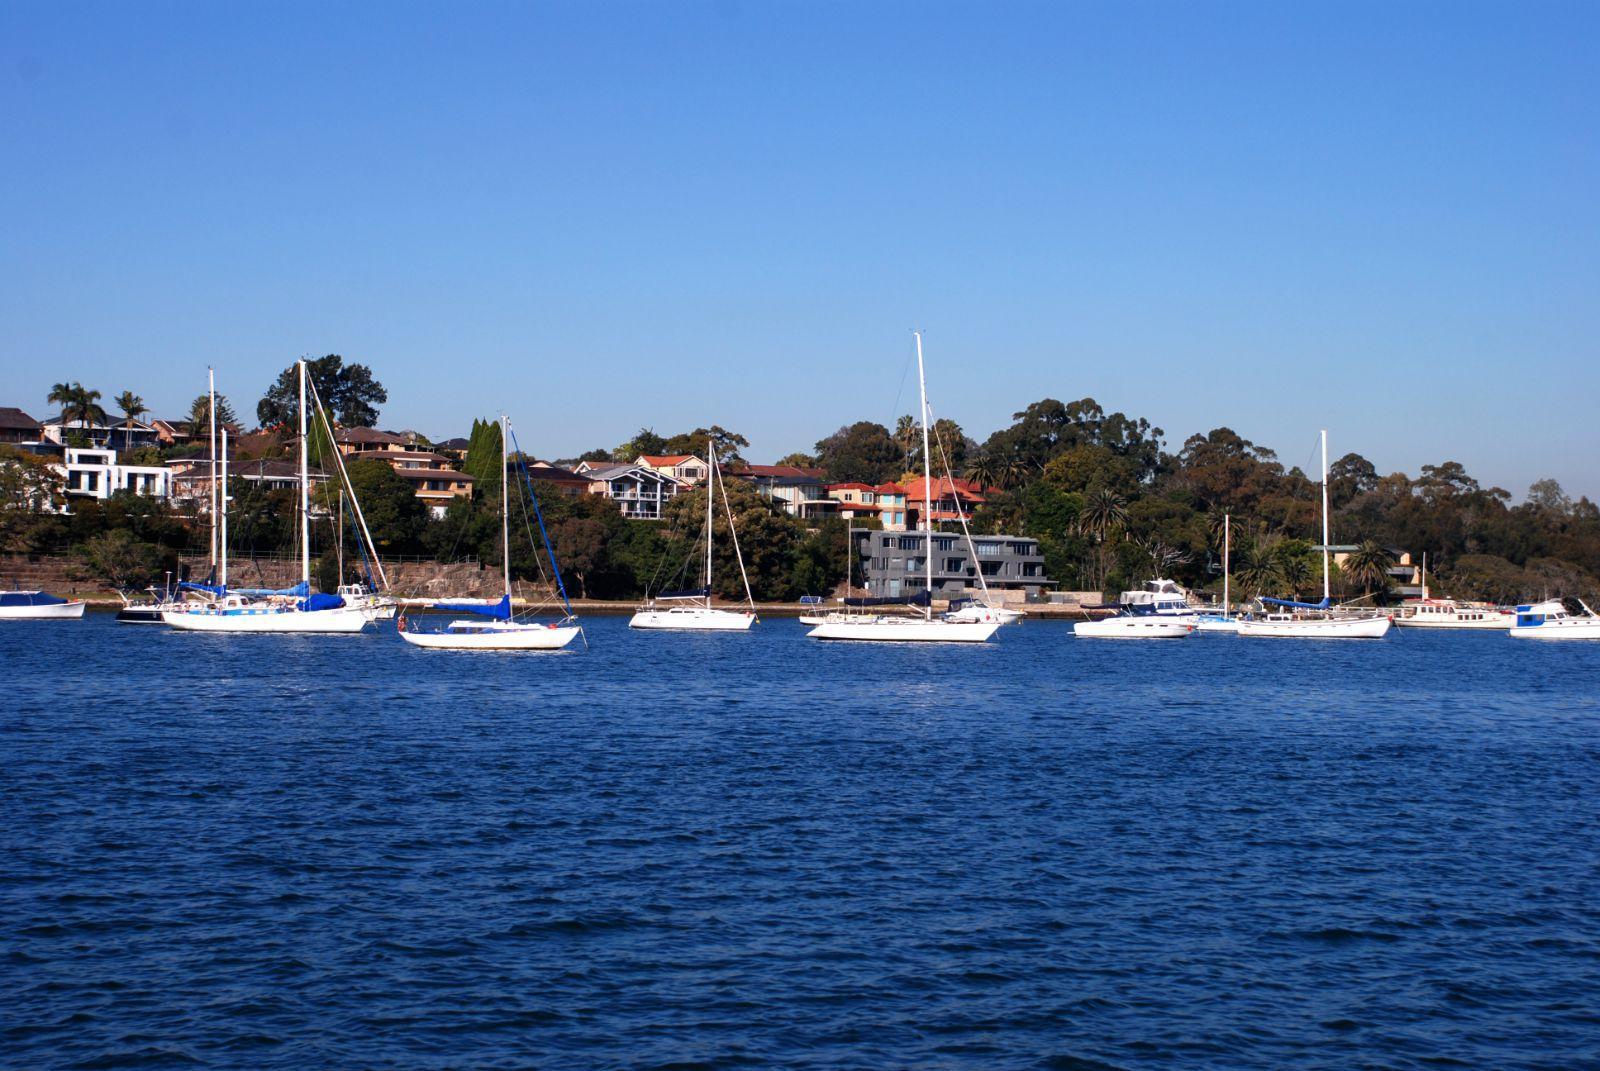 river)一路欣賞沿途風光到達環形碼頭(circular quay),開始暴走悉尼